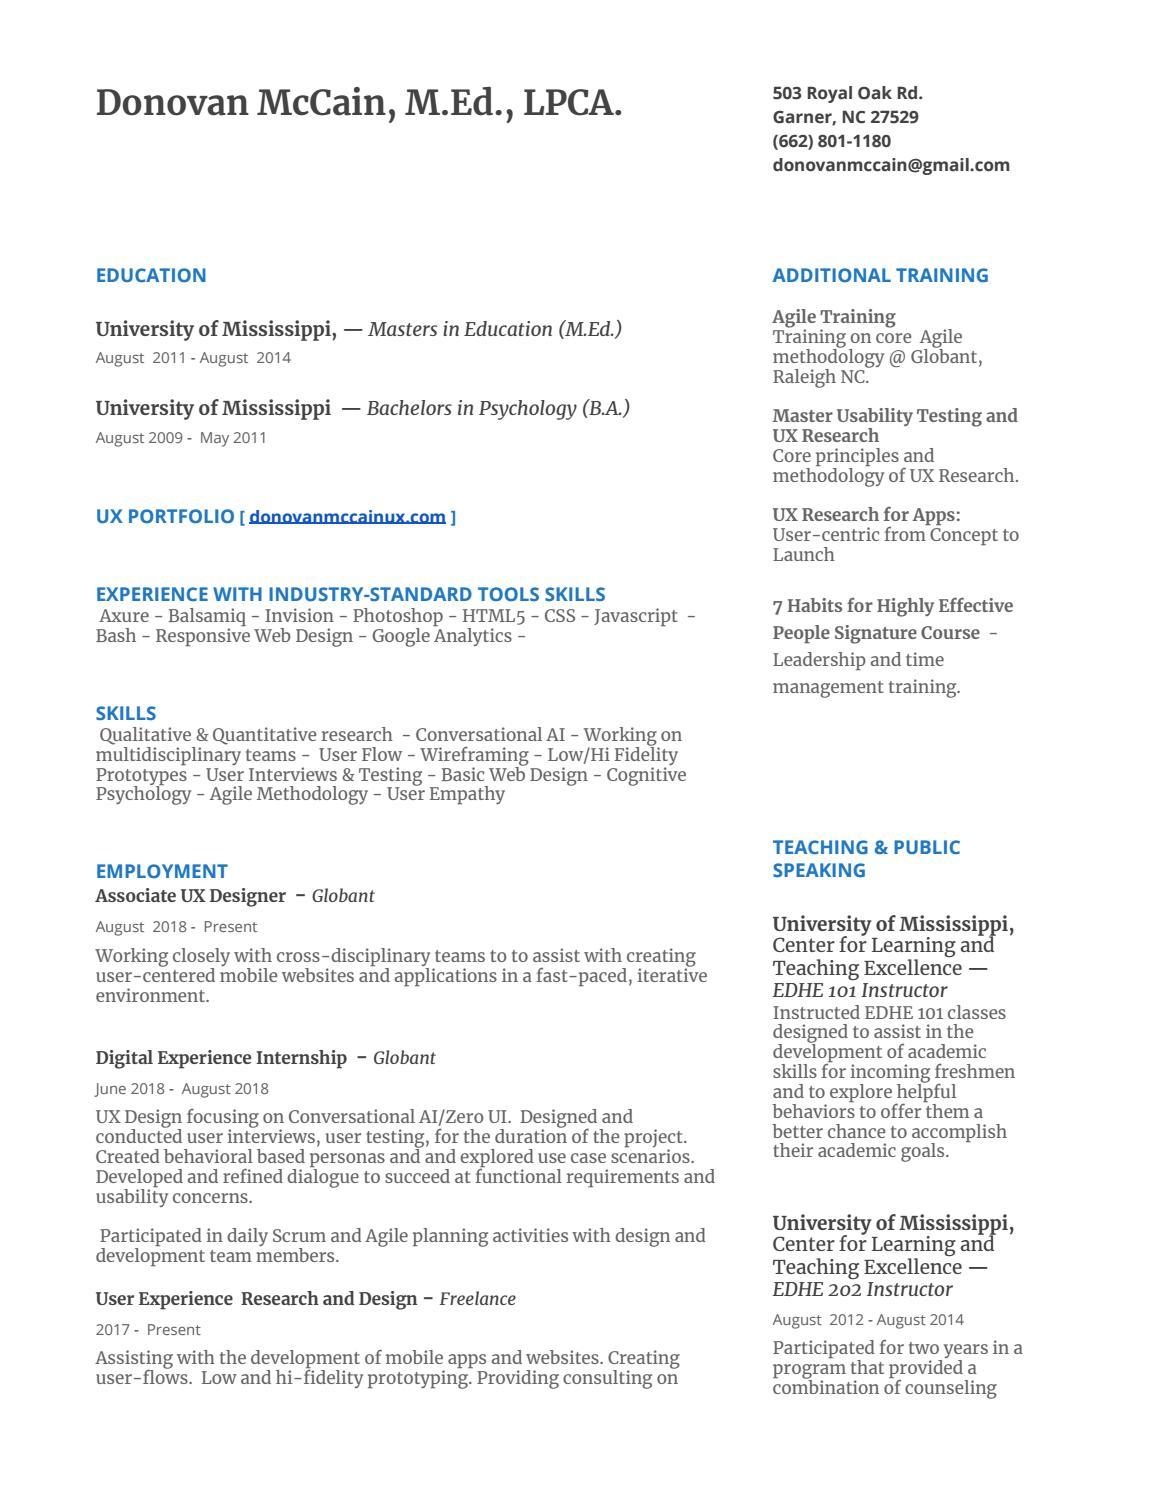 Resume by donovanmccain - issuu